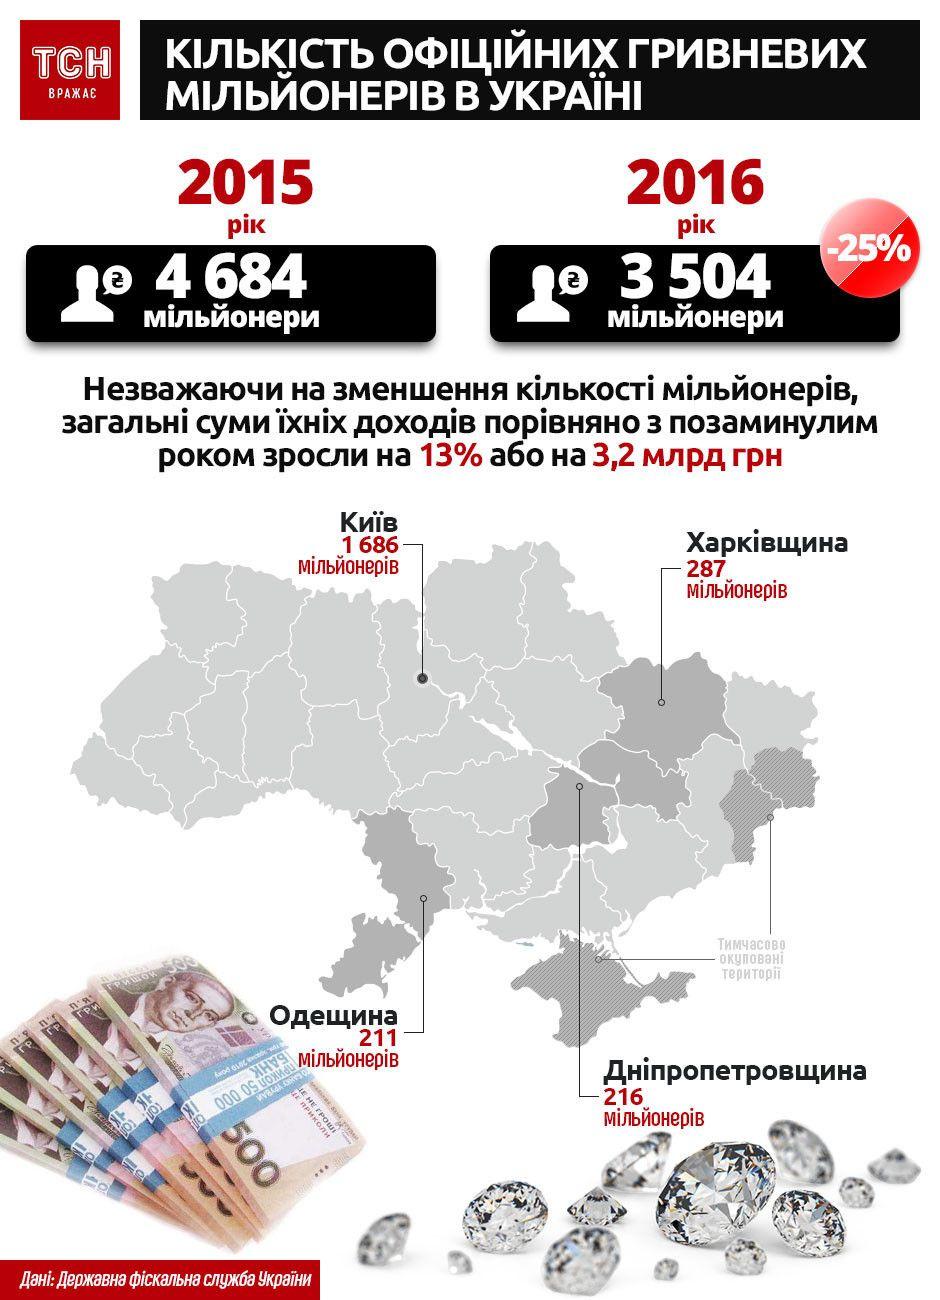 мільйонери, інфографіка